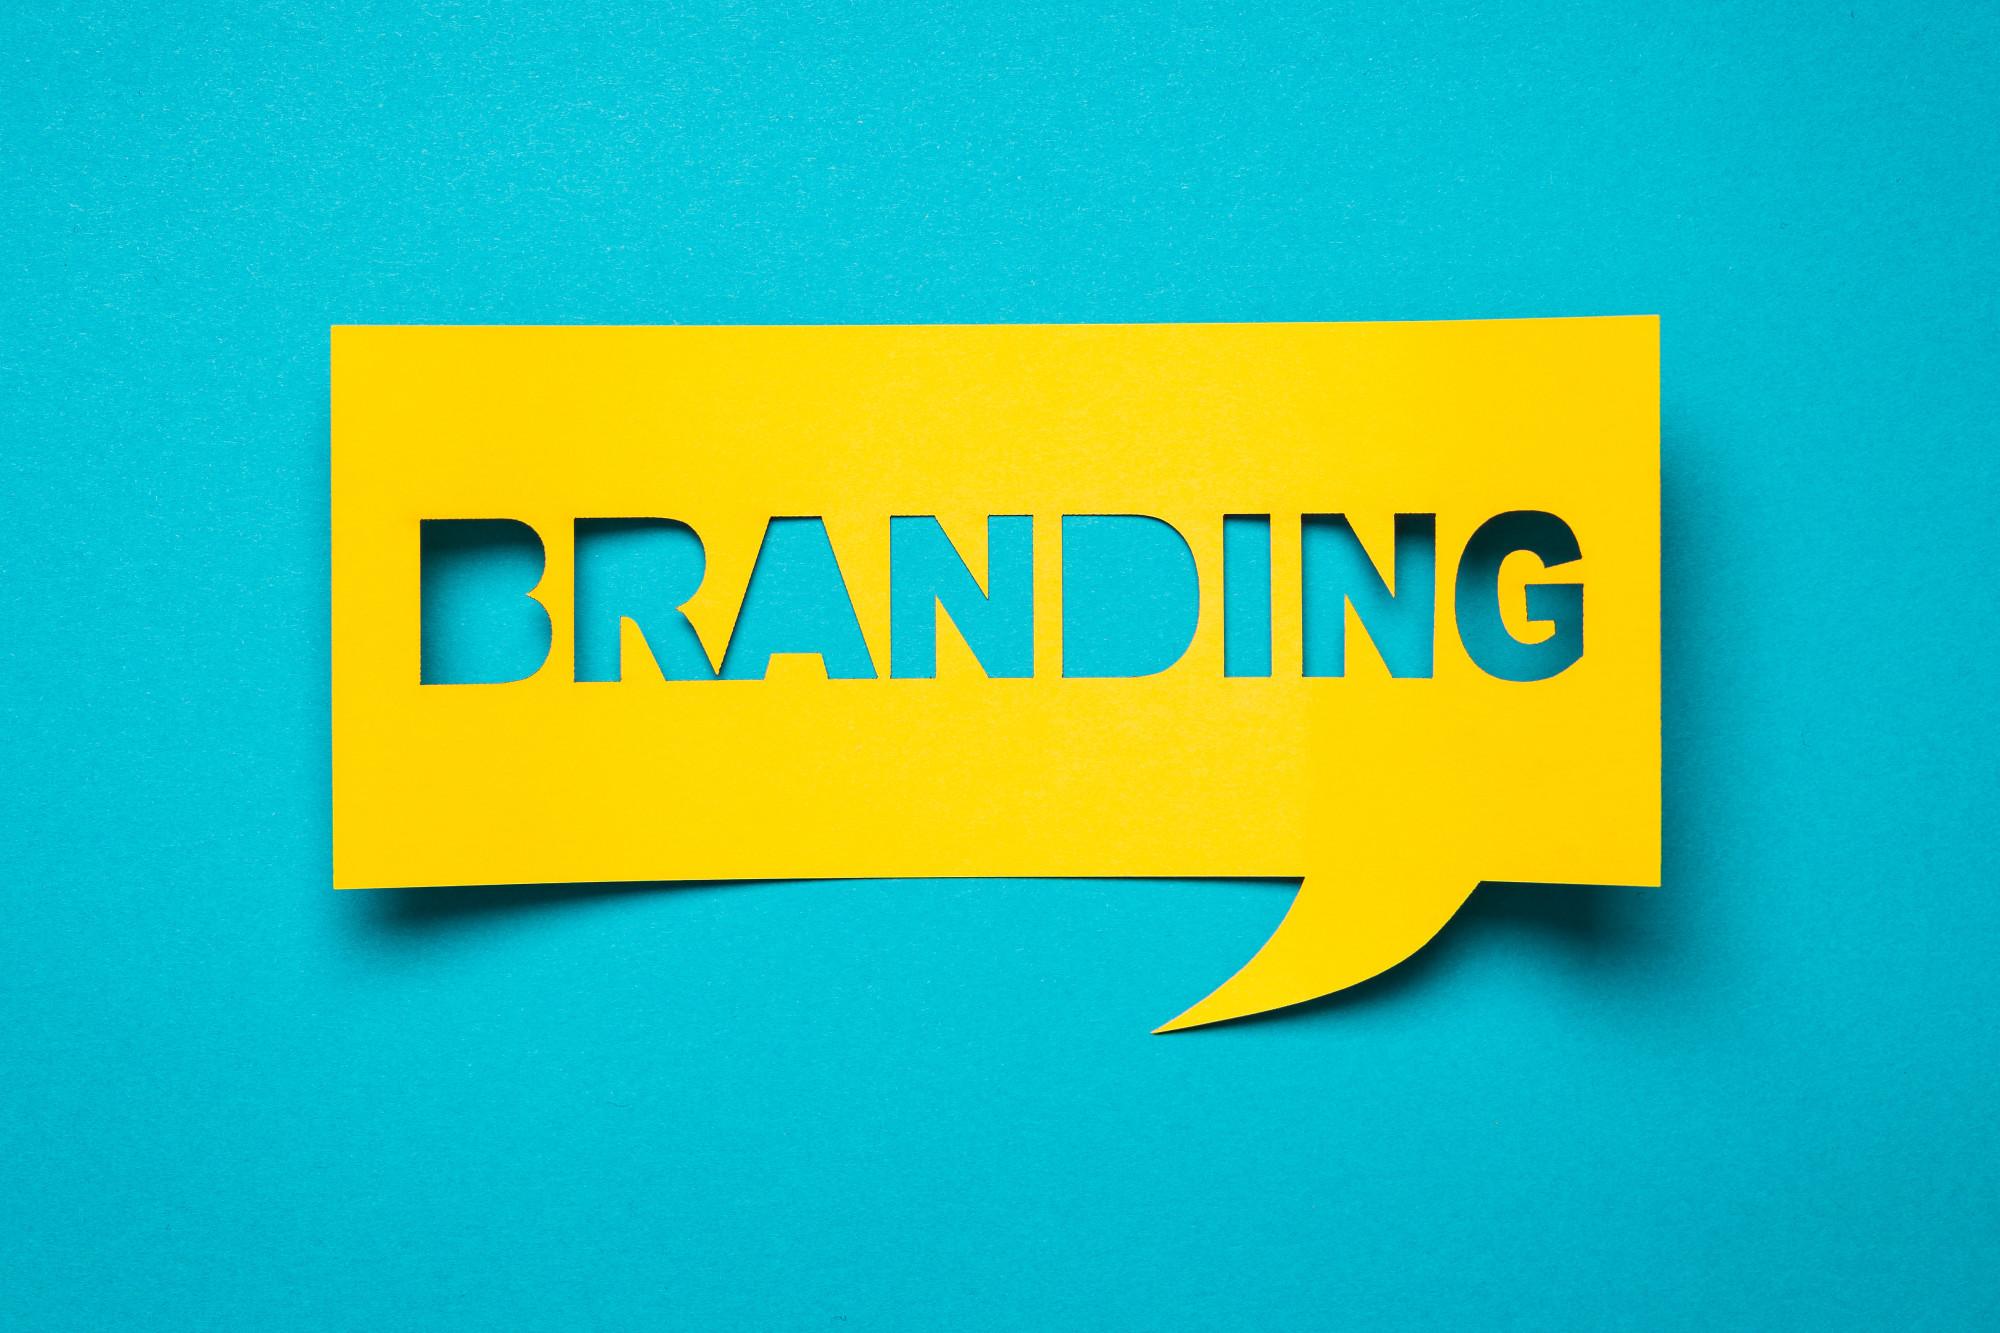 7 Tips for Authentic Branding on Social Media - Social Media Explorer